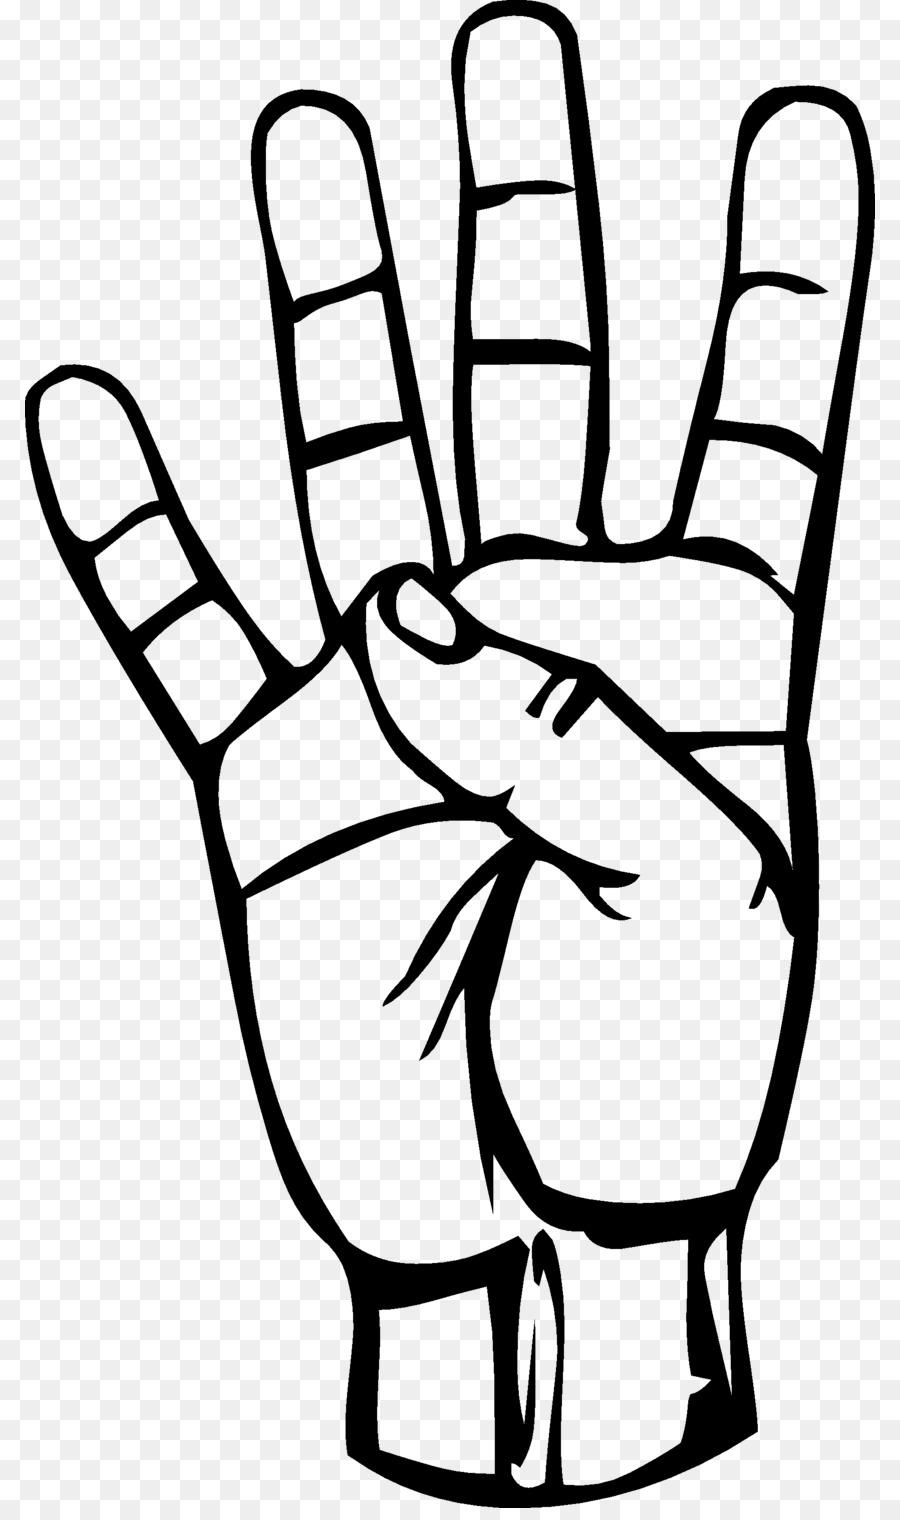 900x1520 American Sign Language Baby Sign Language Korean Sign Language